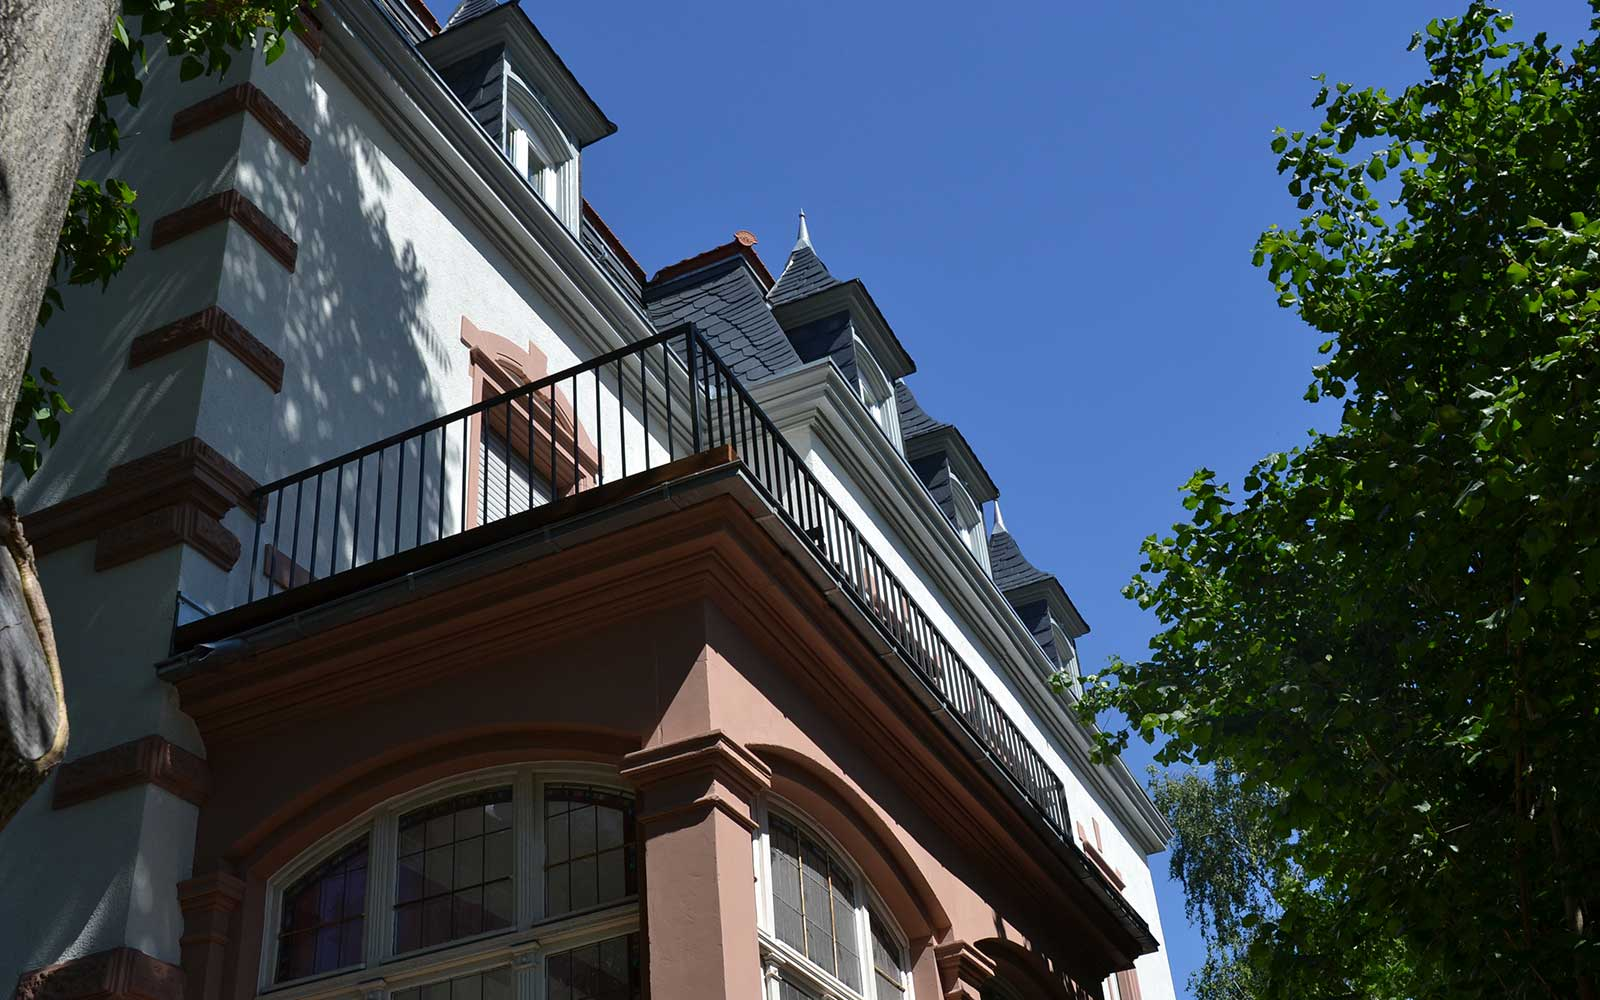 Altbausanierung in der Weststadt, Kochhan und Weckbach Architekten Heidelberg